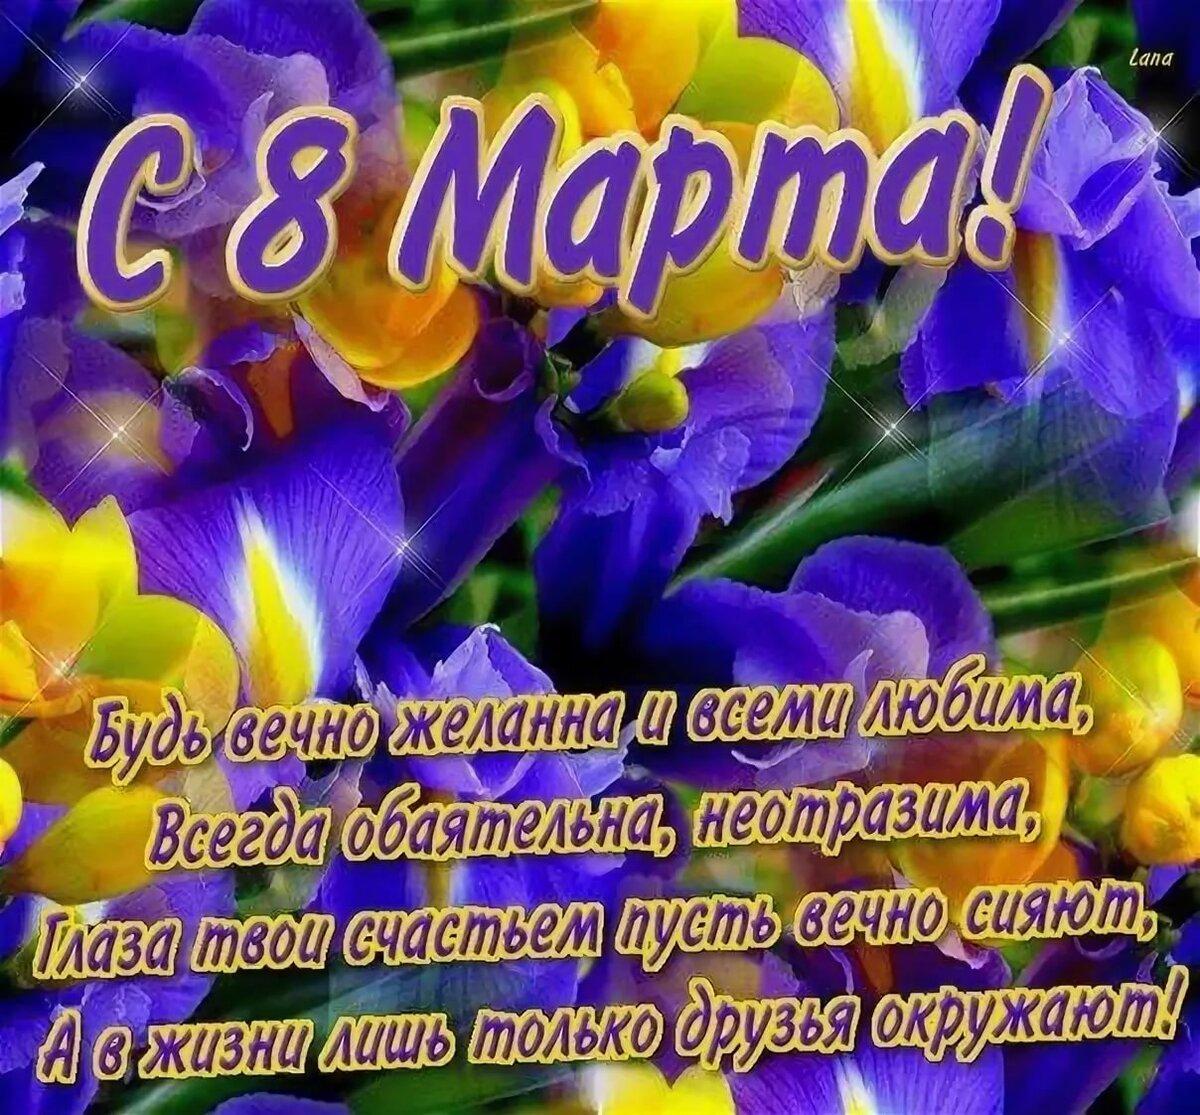 Красивое красочное поздравление открытка ольге николаевне с 8 марта